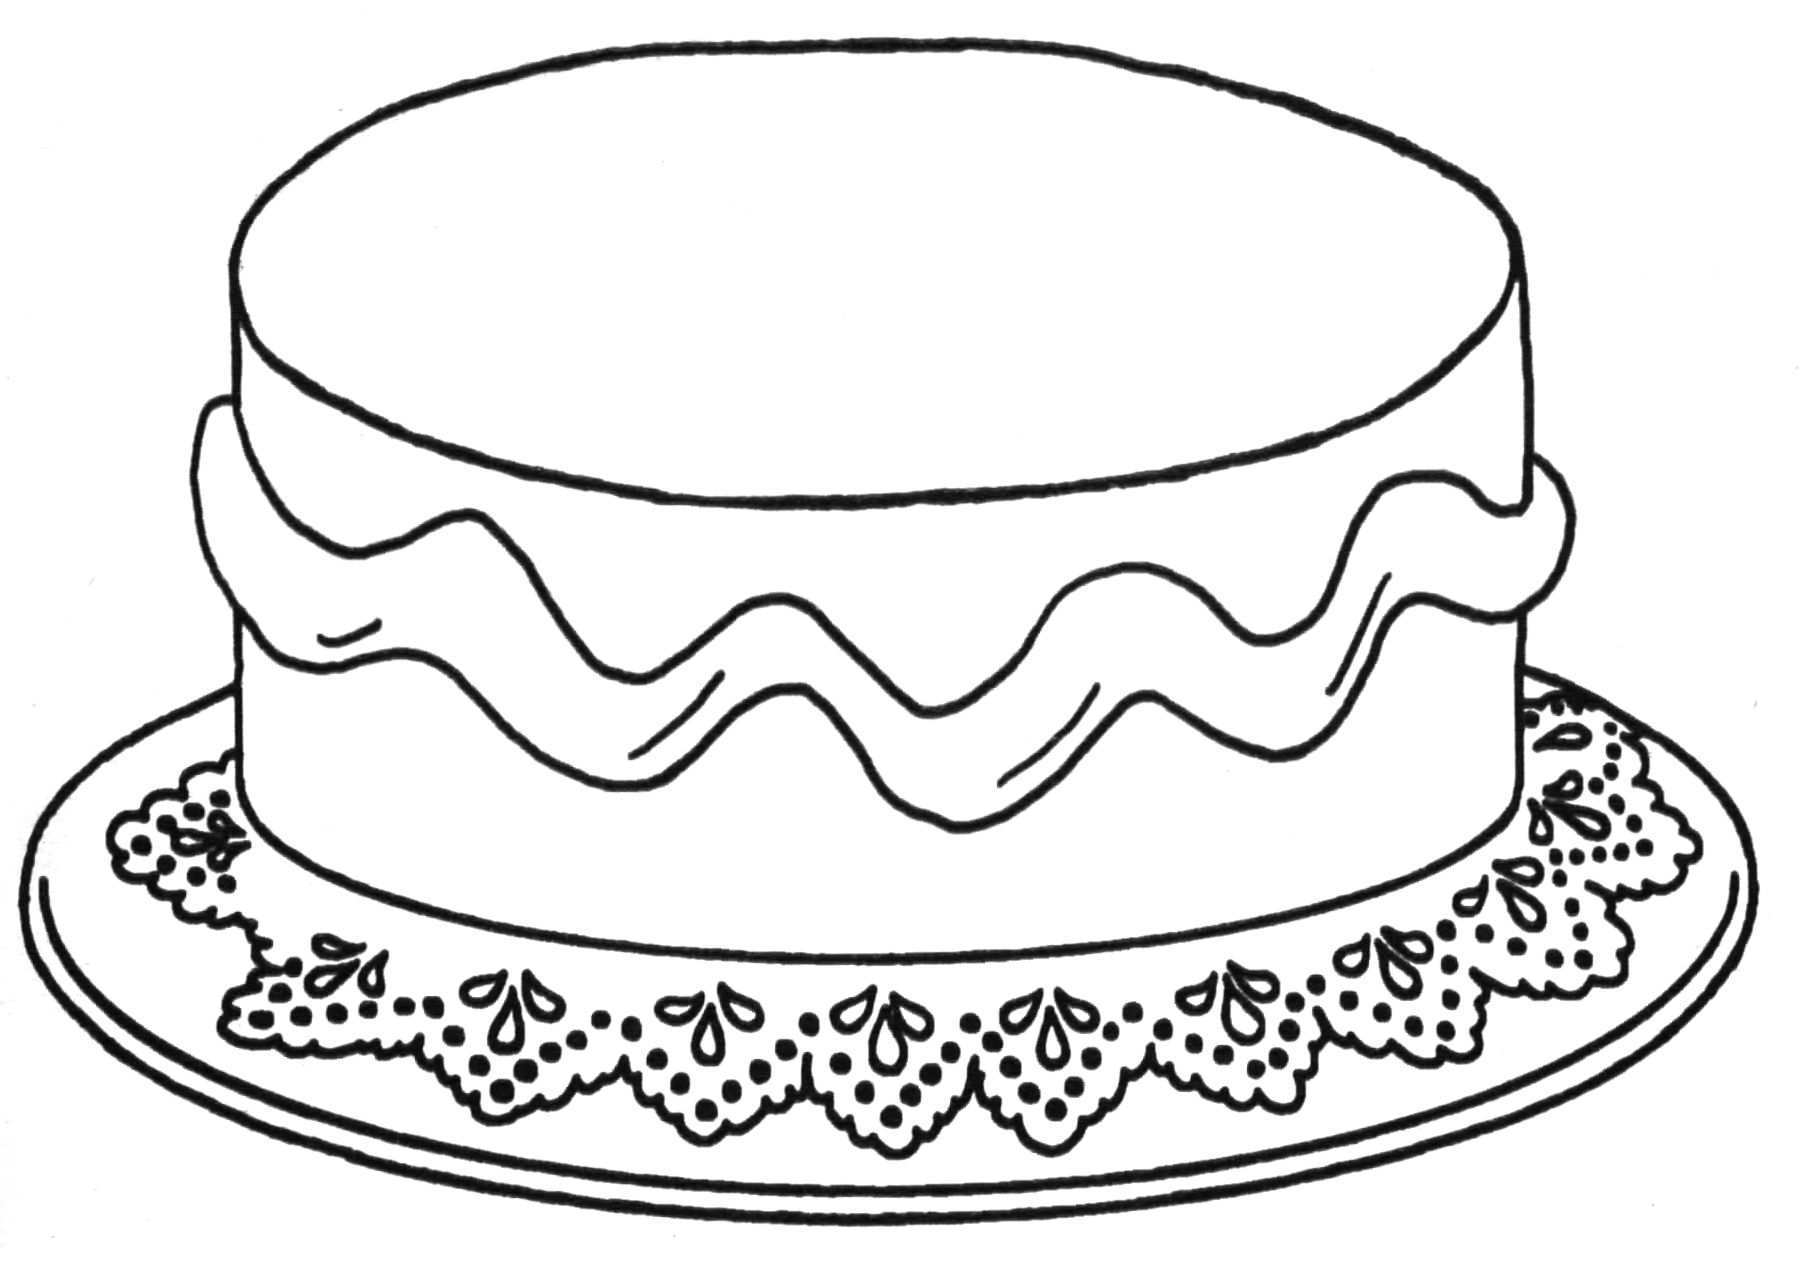 Kleurplaat Taart Jpg 1803 1267 Verjaardag Knutselen Voor Opa Kleurplaten